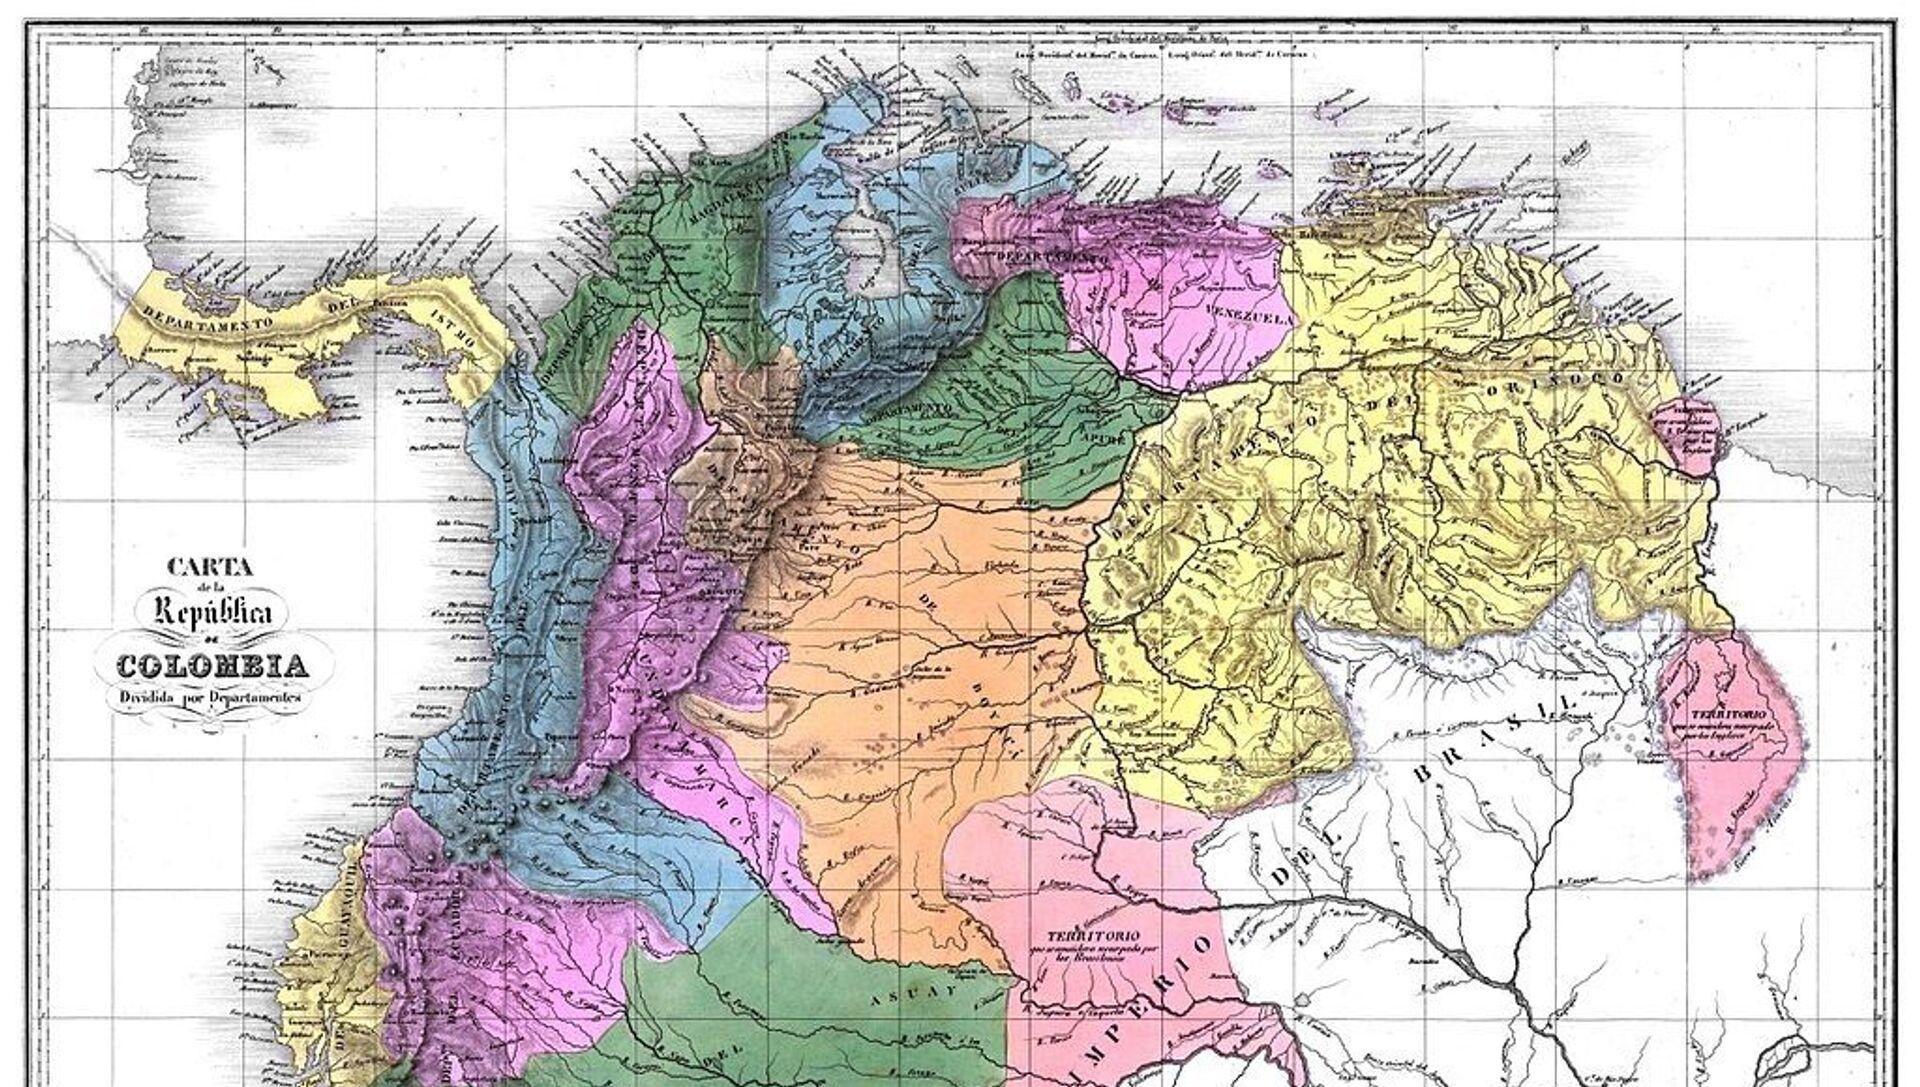 Mapa de la Gran Colombia en 1824 - Sputnik Mundo, 1920, 07.08.2019